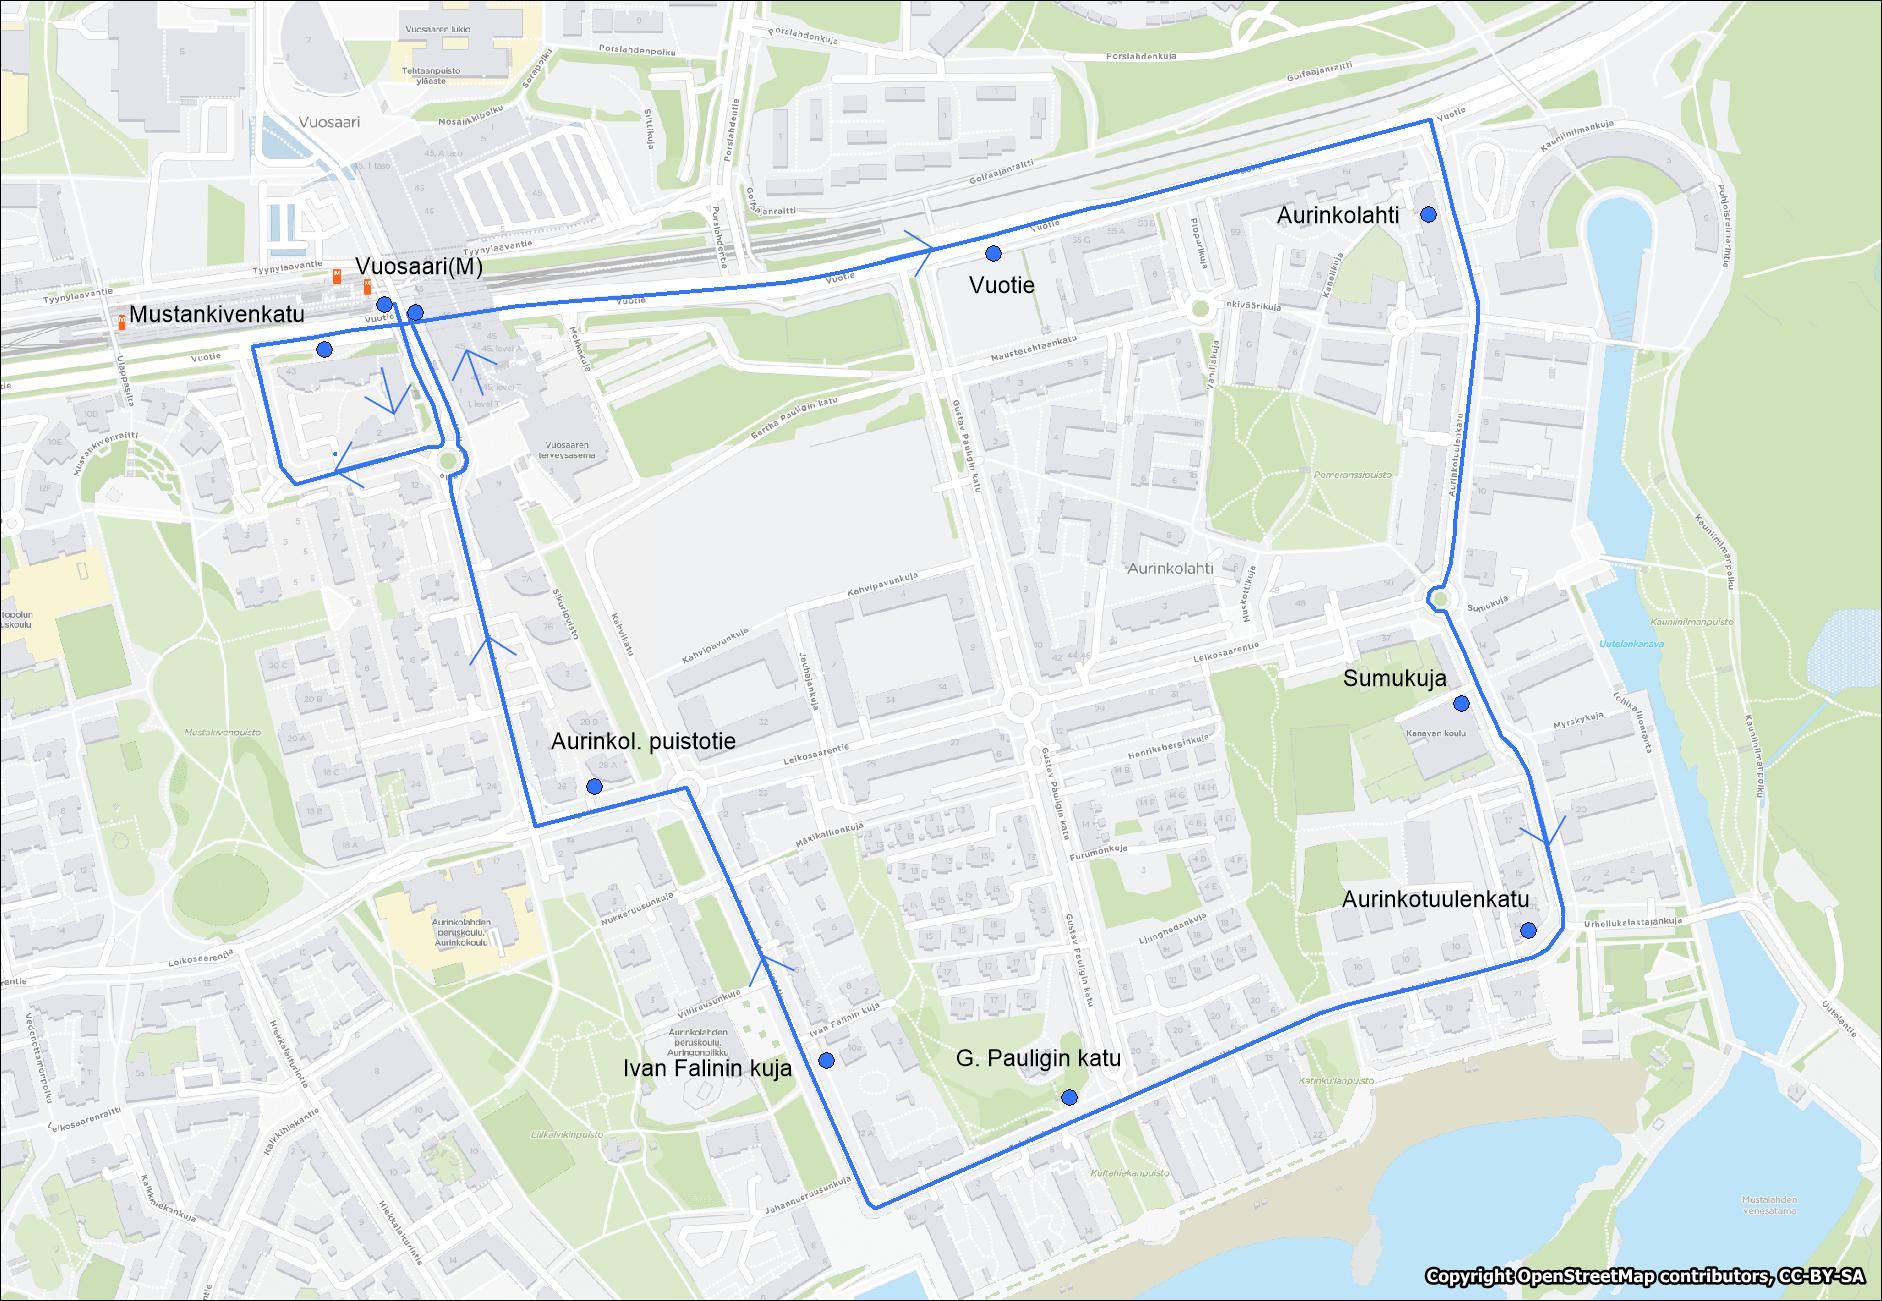 Linjalla 90X lisäliikennettä lauantaina 30.11. Vuosaaren metroaseman ja Aurinkolahden välillä klo 11.30-17.30